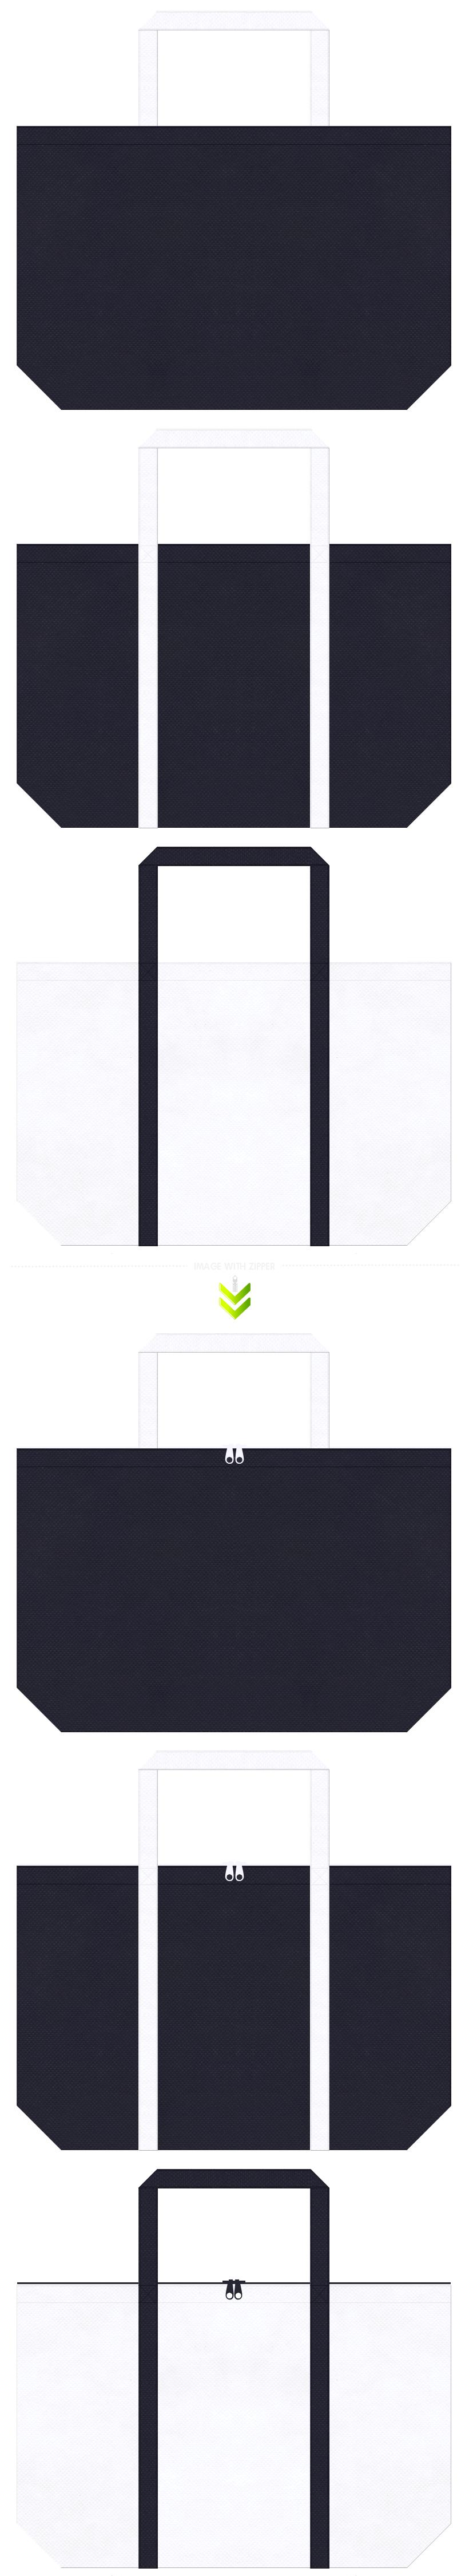 濃紺色と白色の不織布エコバッグのデザイン。マリンファッション・ビーチ用品のショッピングバッグにお奨めです。